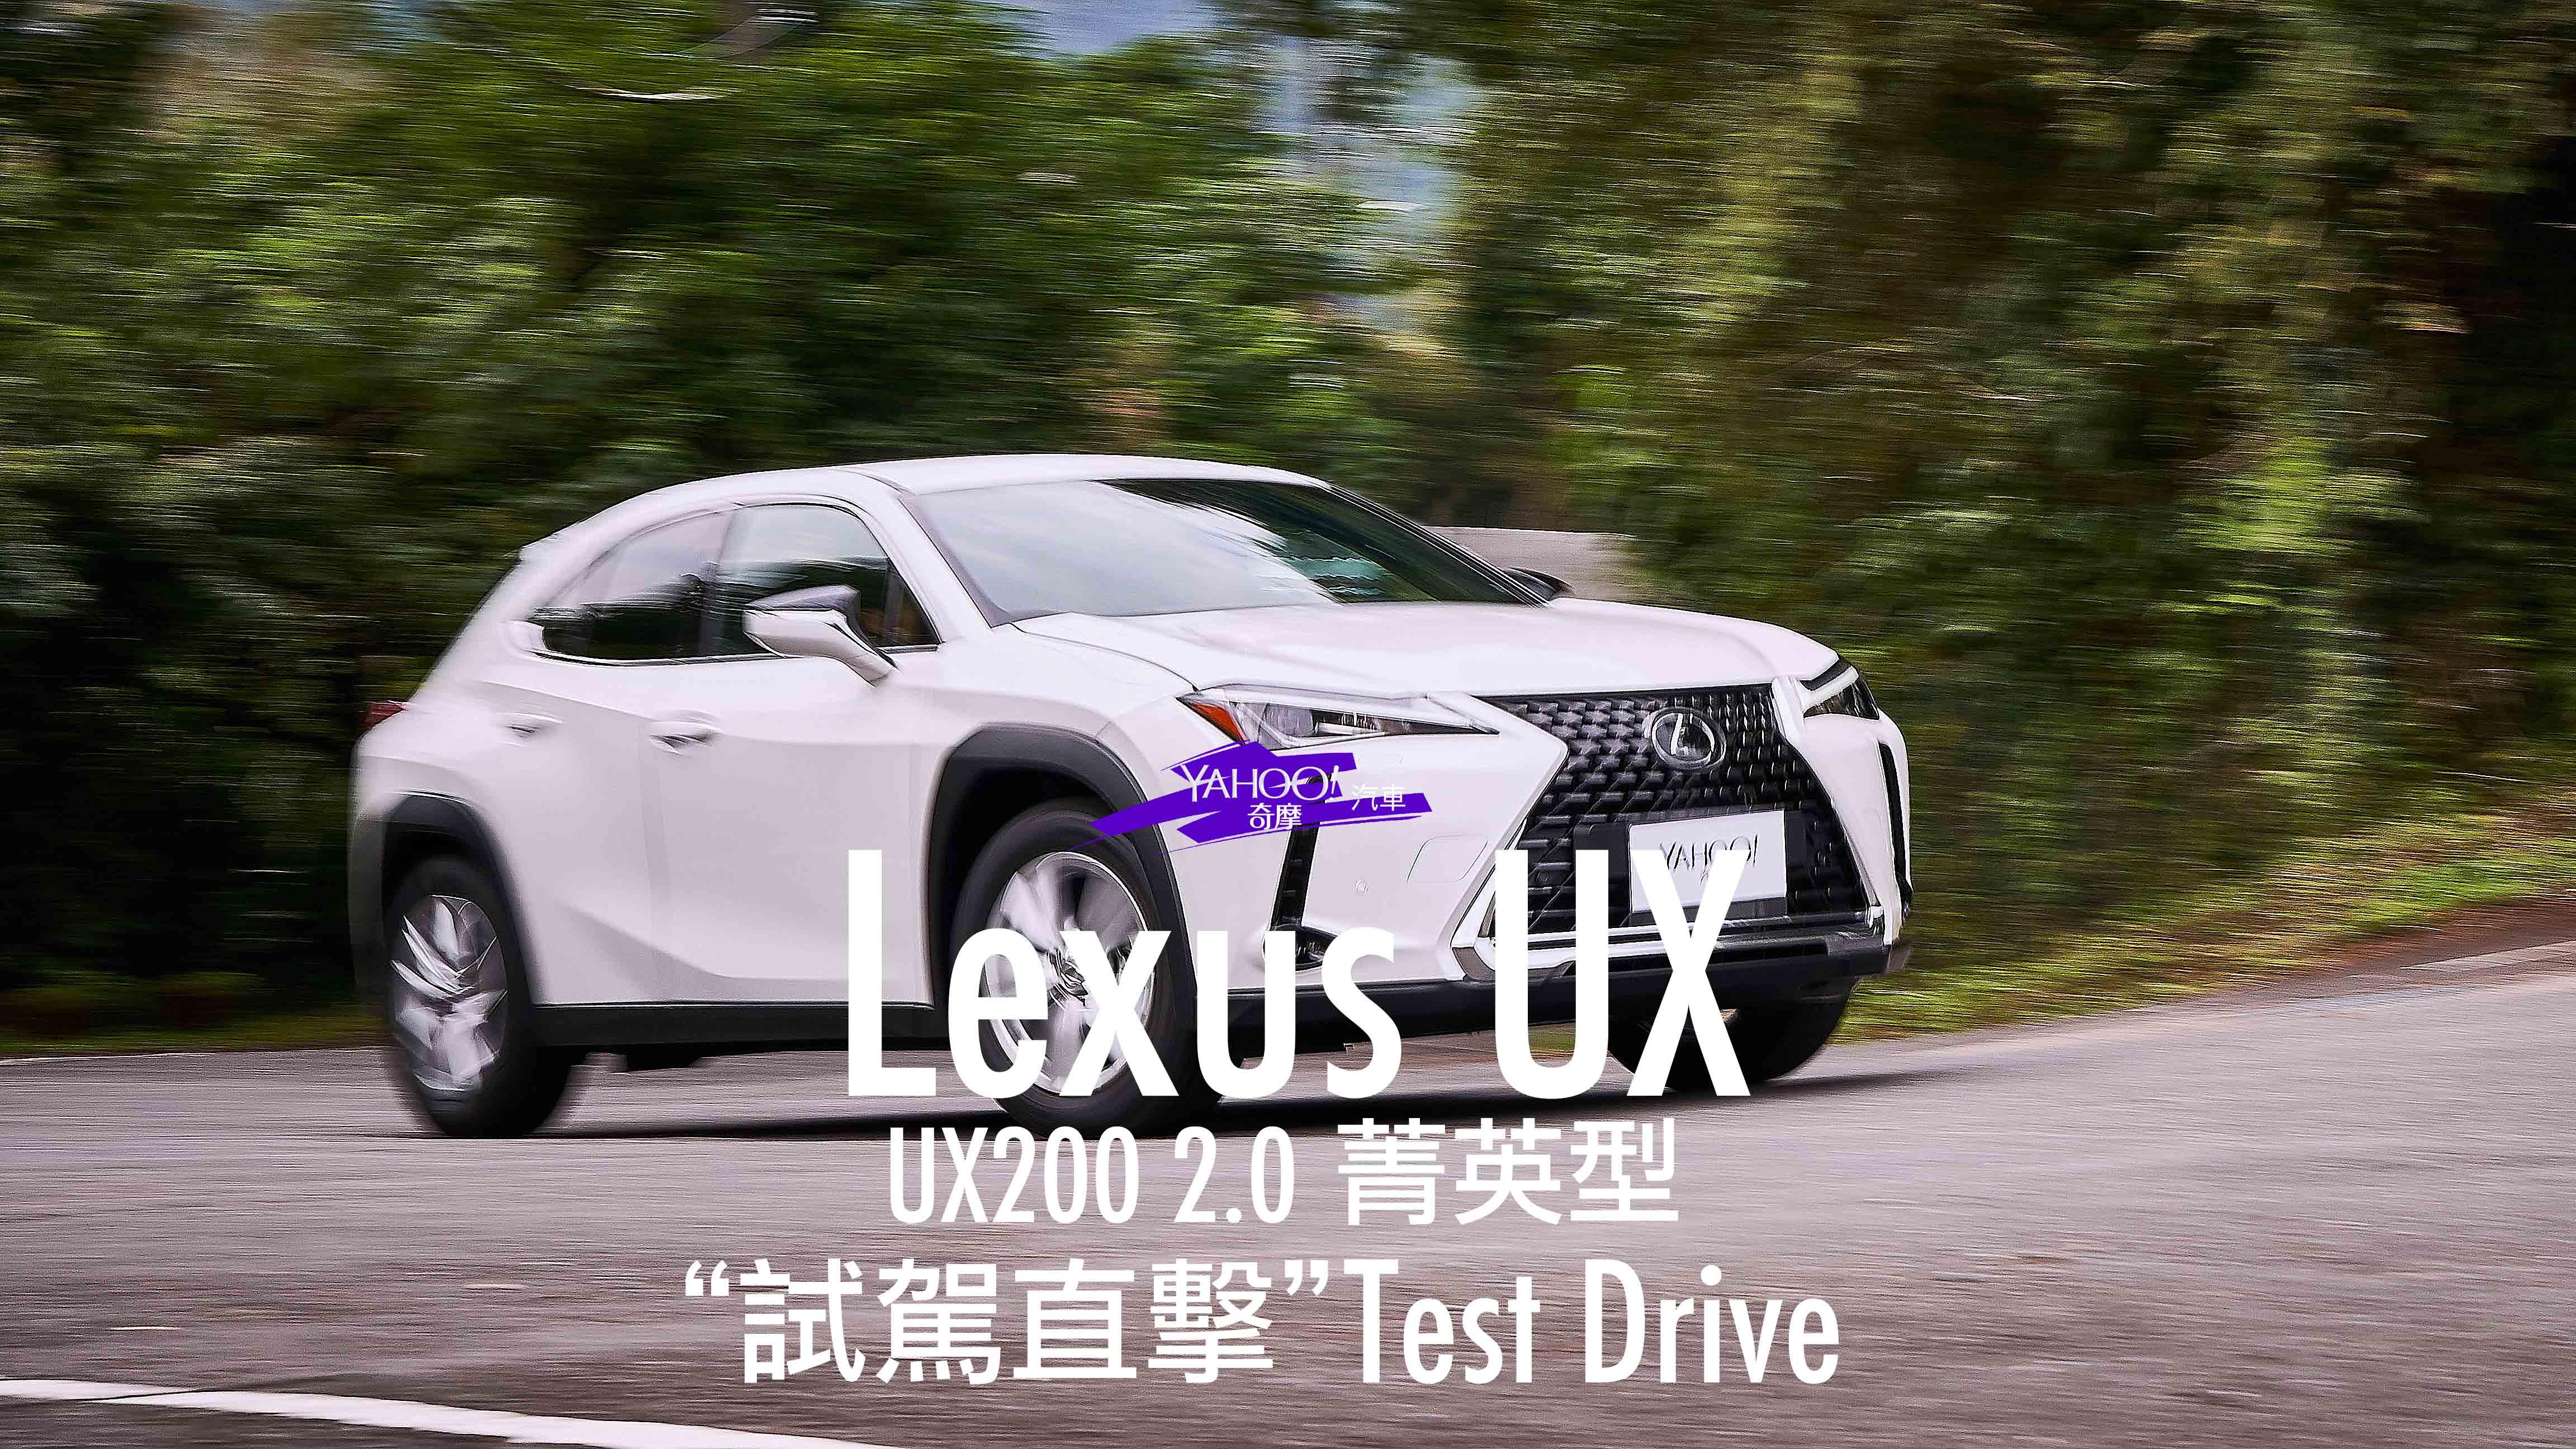 【試駕直擊】大腳踩下、更有勁!Lexus UX200山道試駕